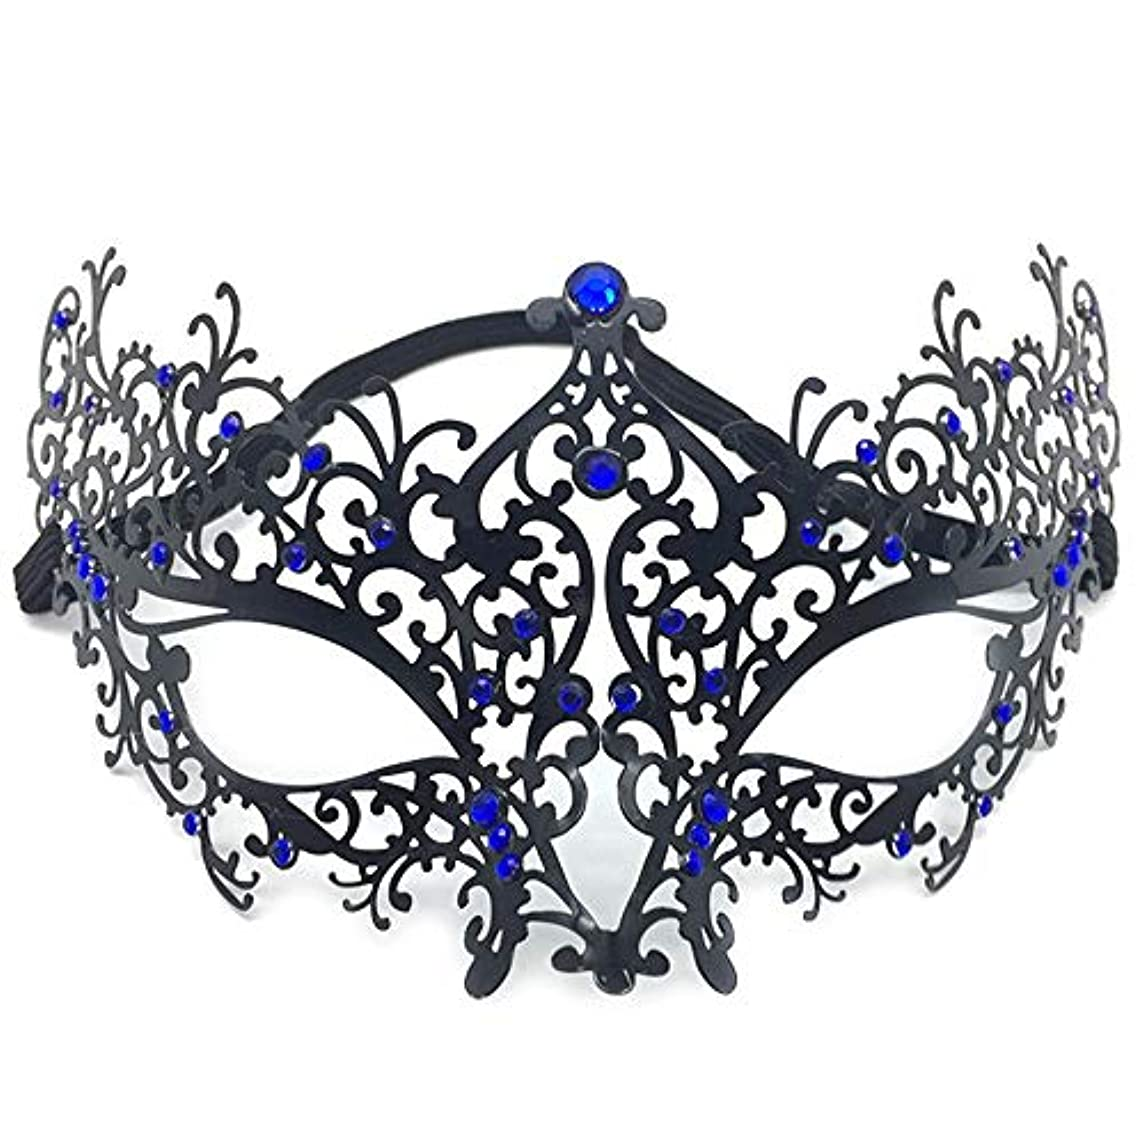 解明する会員仮定、想定。推測ハロウィーンマスク仮装アイアンマスクパーティードレスアップメタルダイヤモンドハーフフェイスマスク (Color : RED)